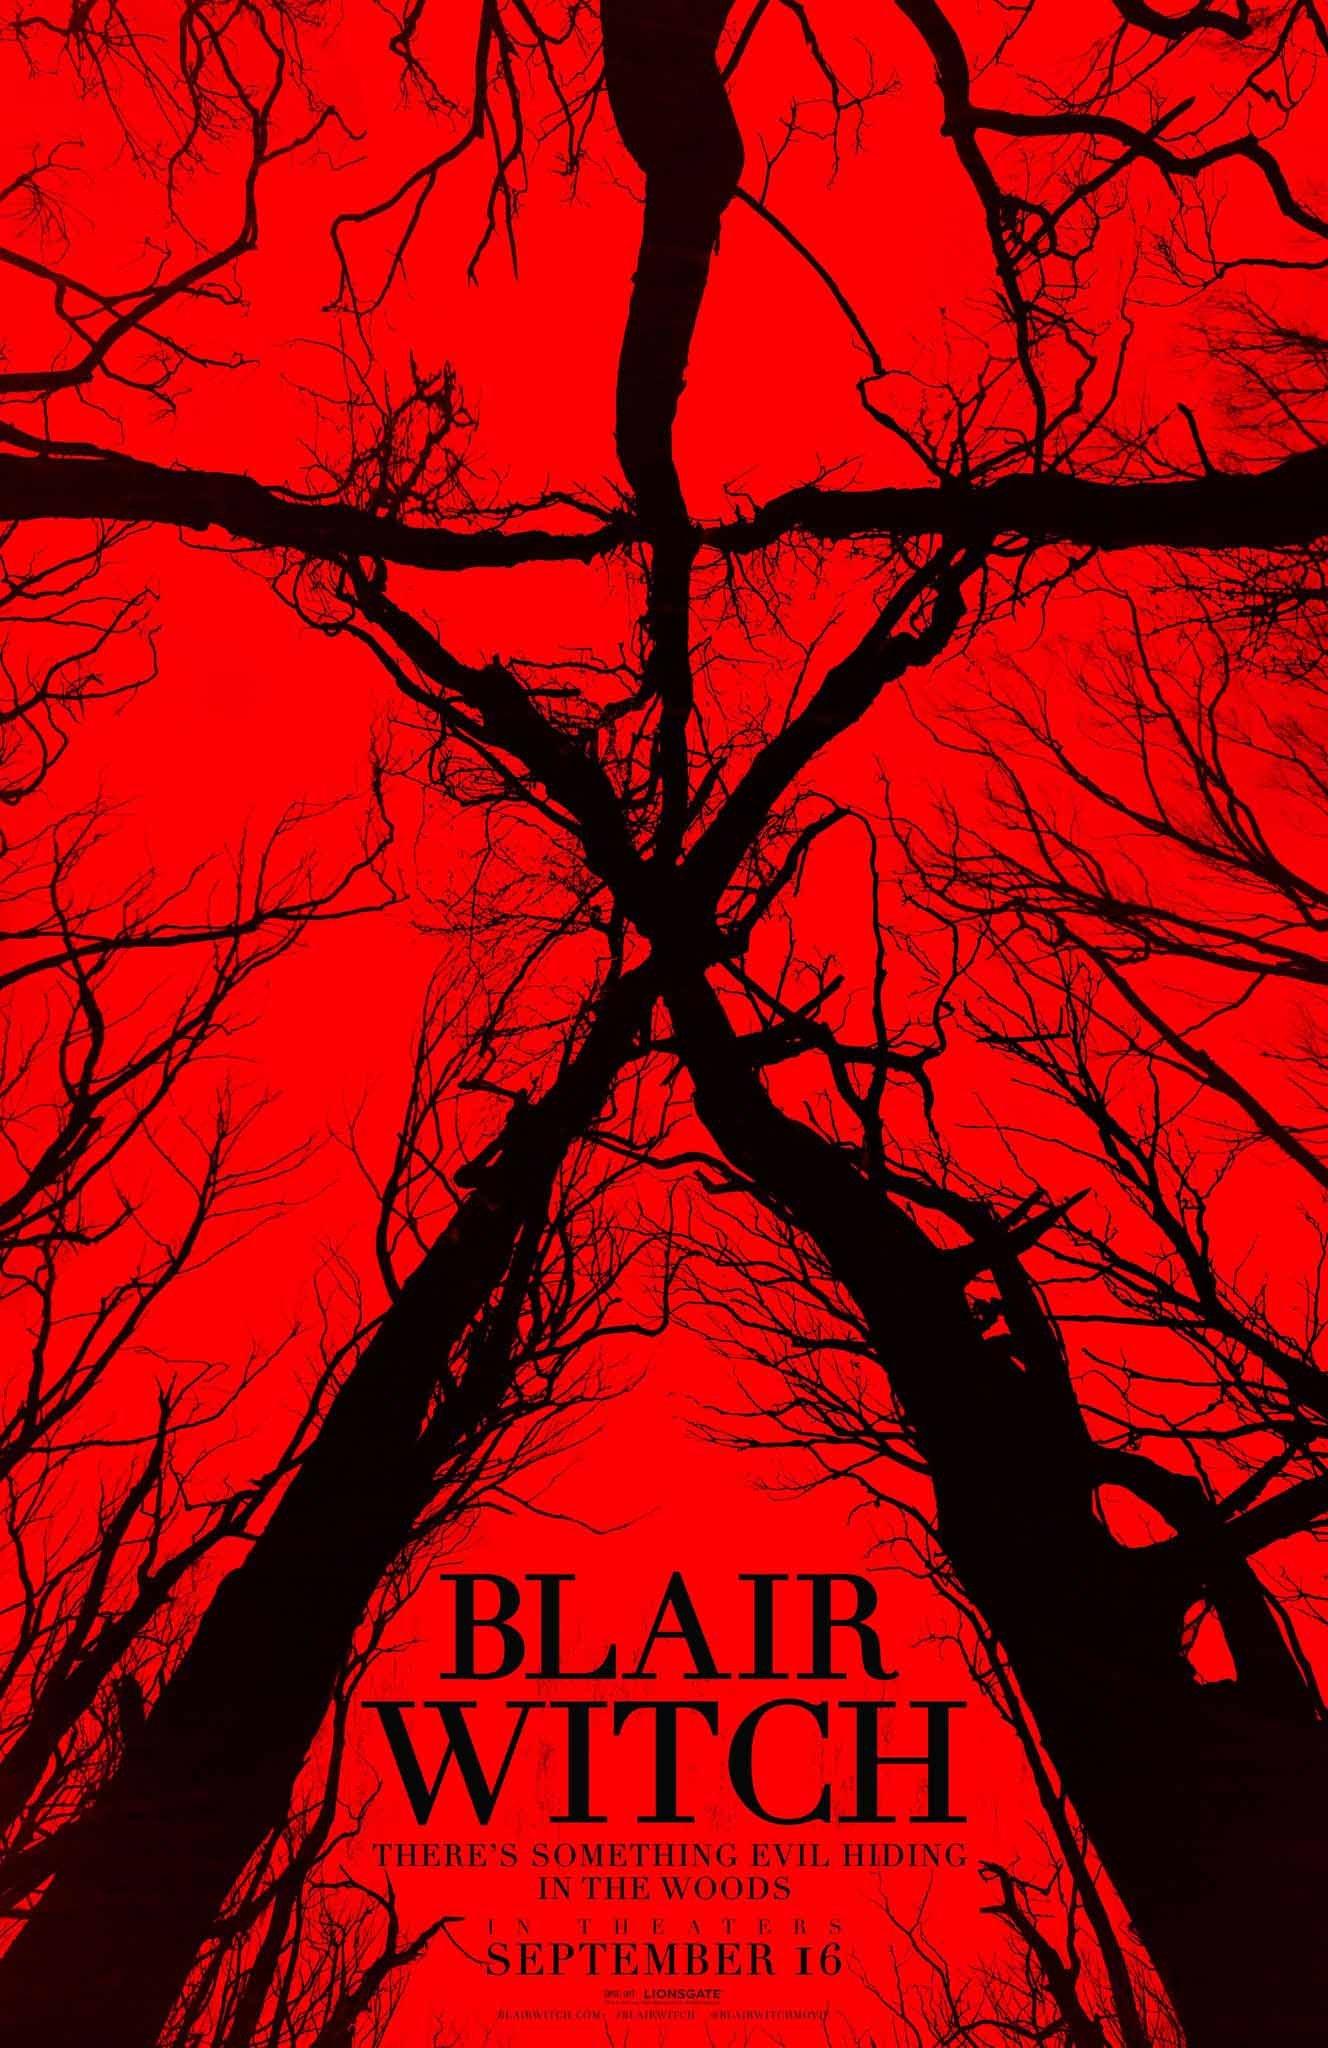 ალქაჯი ბლერიდან / Blair Witch